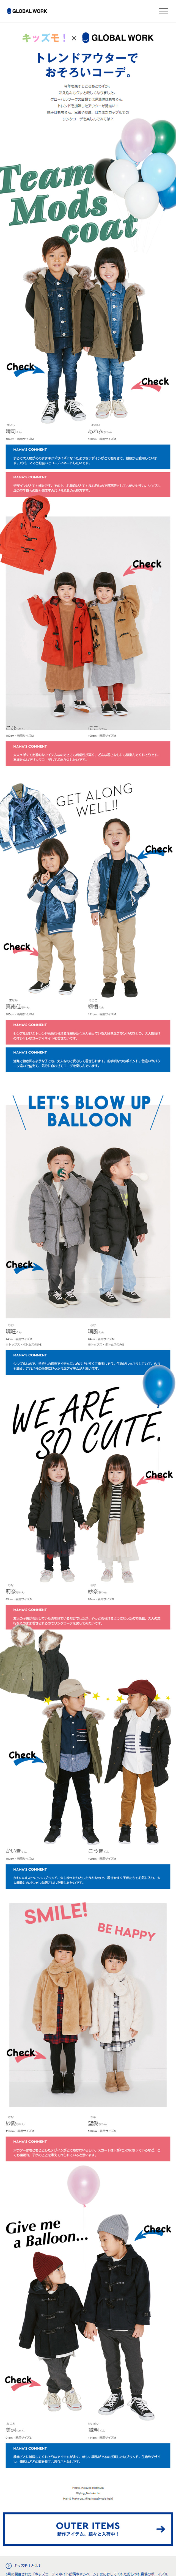 株式会社アダストリア様の「キッズモ!+×+GLOBAL+WORK」のランディングページ(LP)かわいい系 ファッション